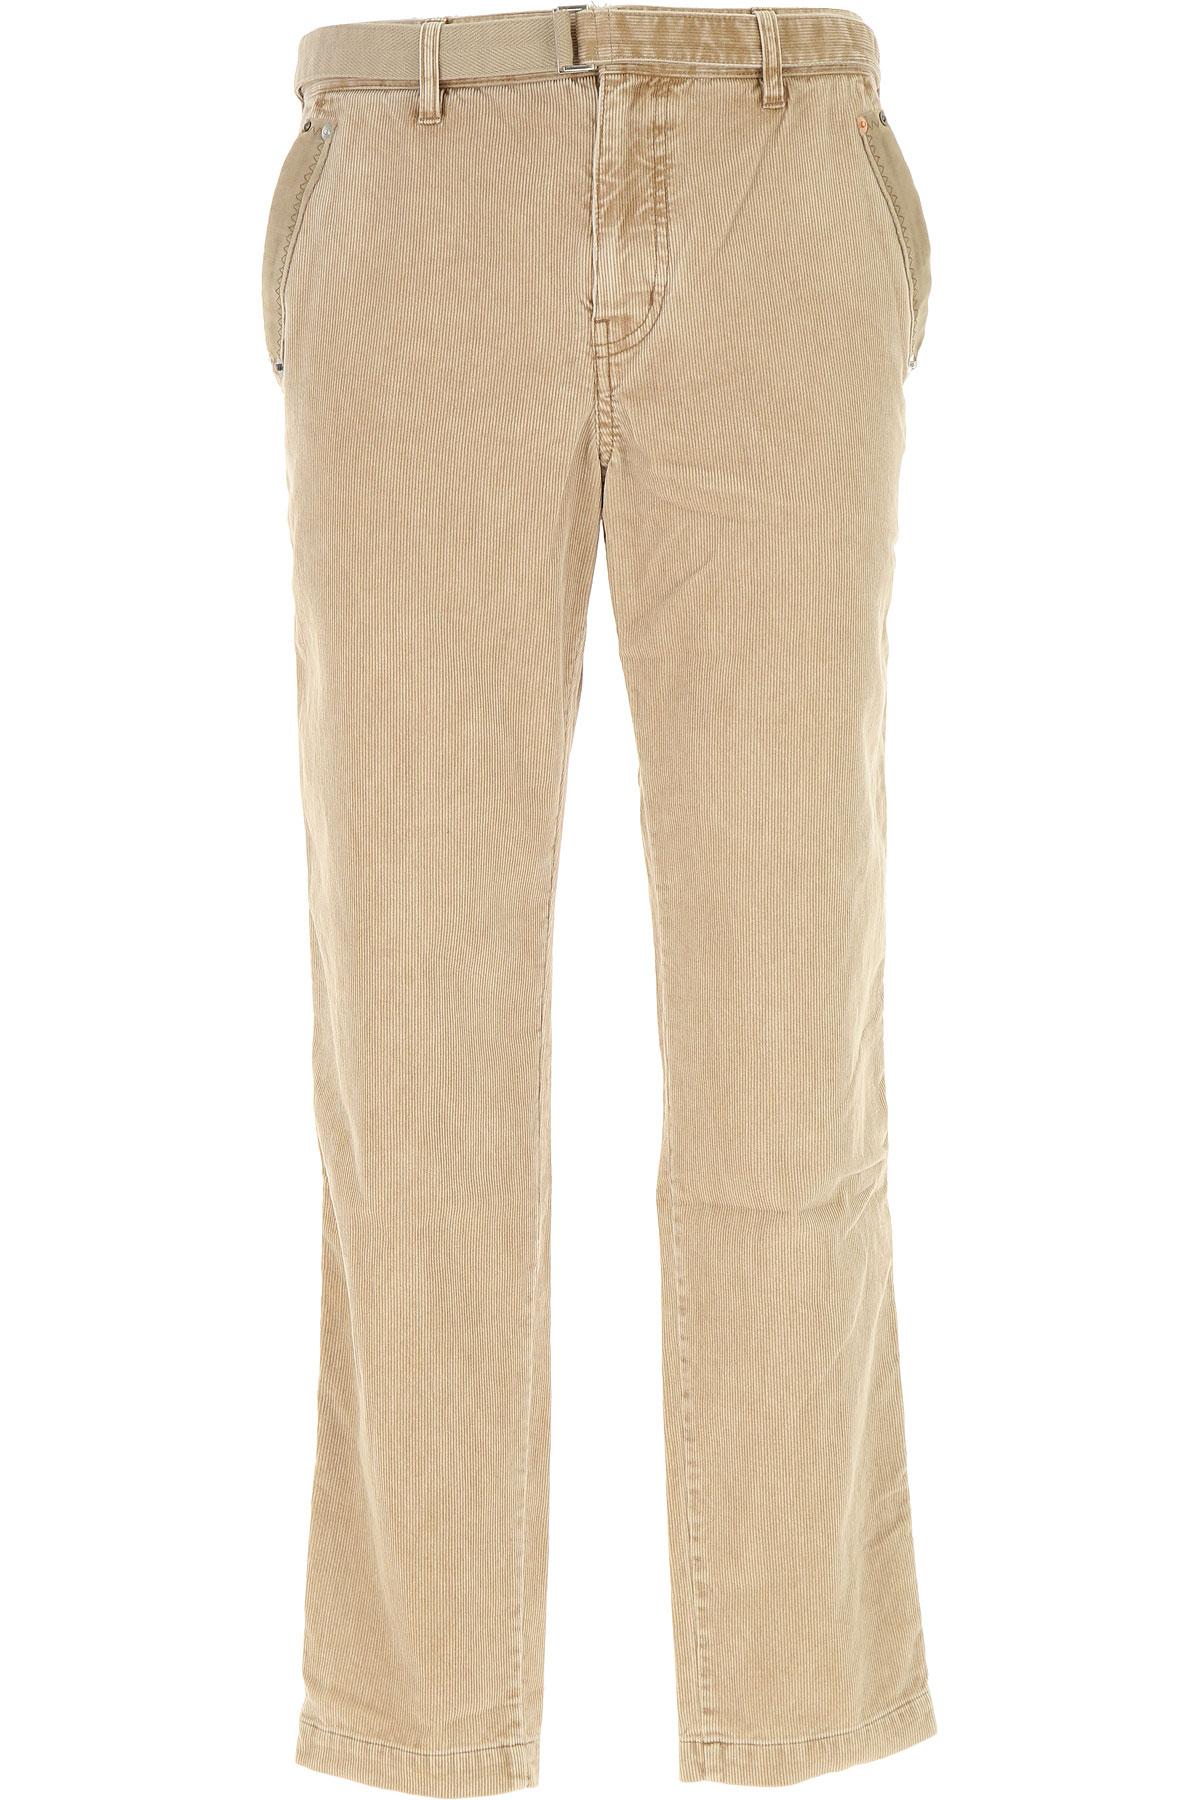 Image of Sacai Pants for Men, Beige, Cotton, 2017, 30 32 34 36